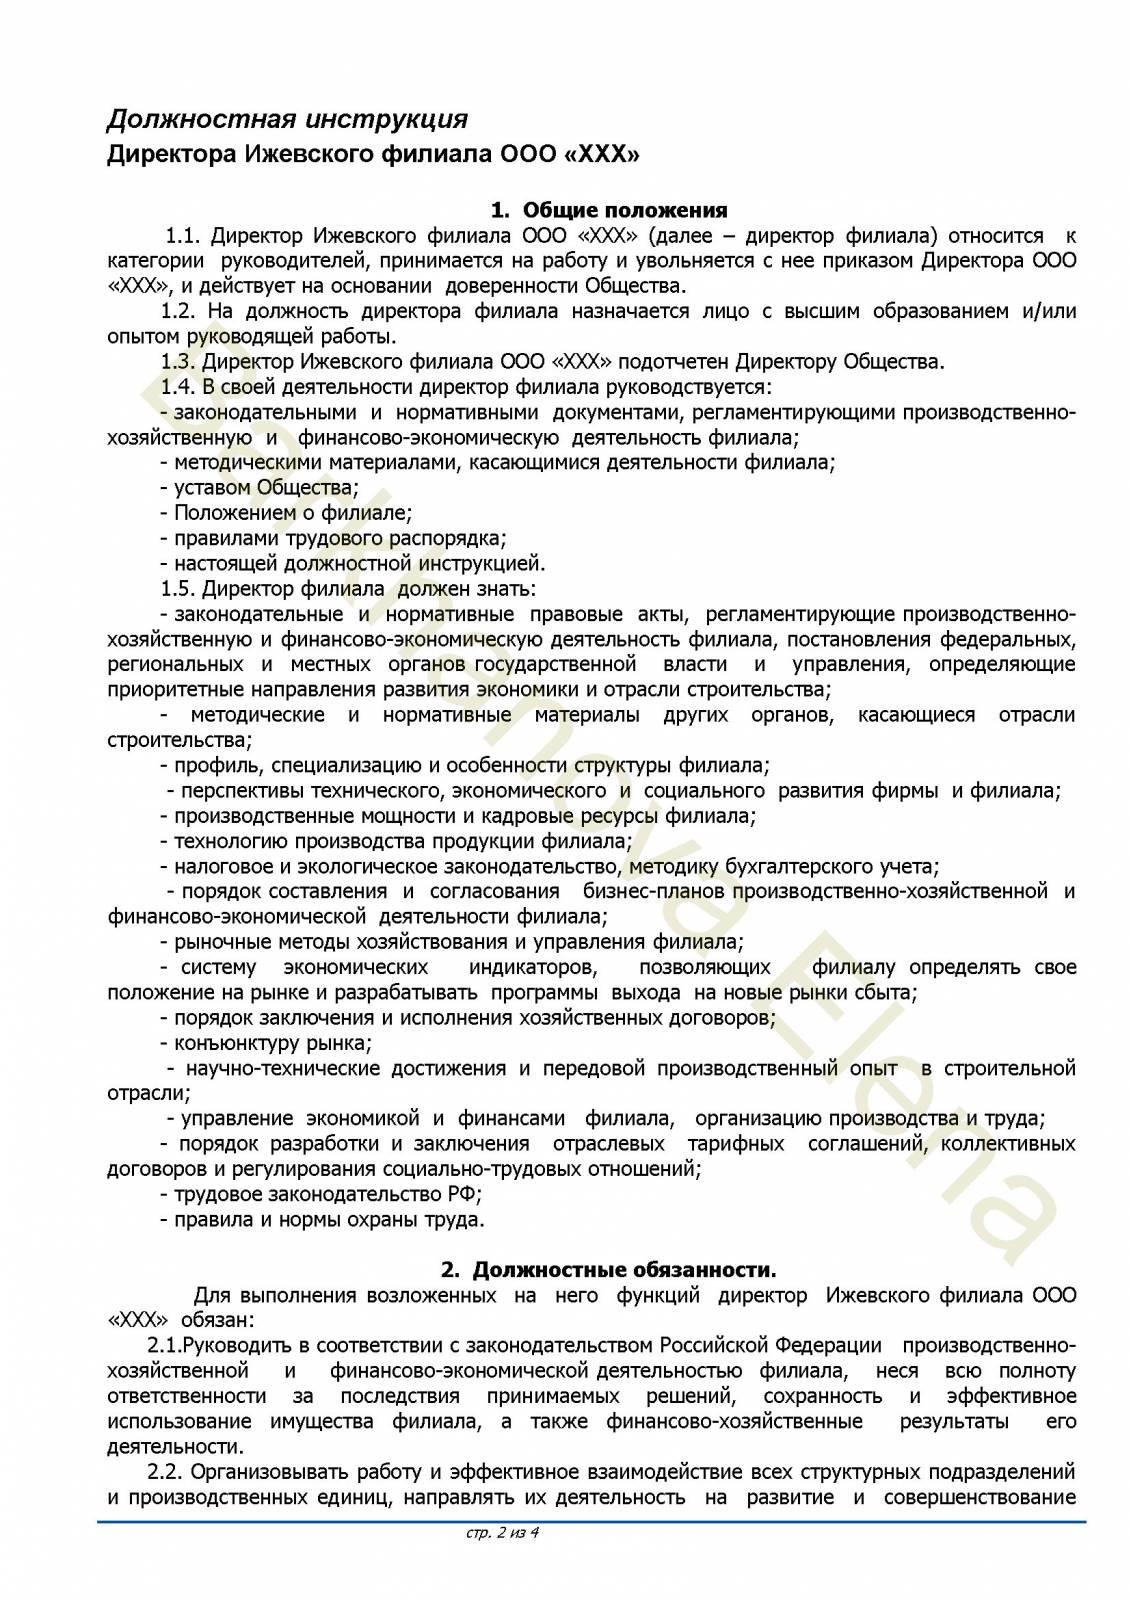 Должностная инструкция директора филиала